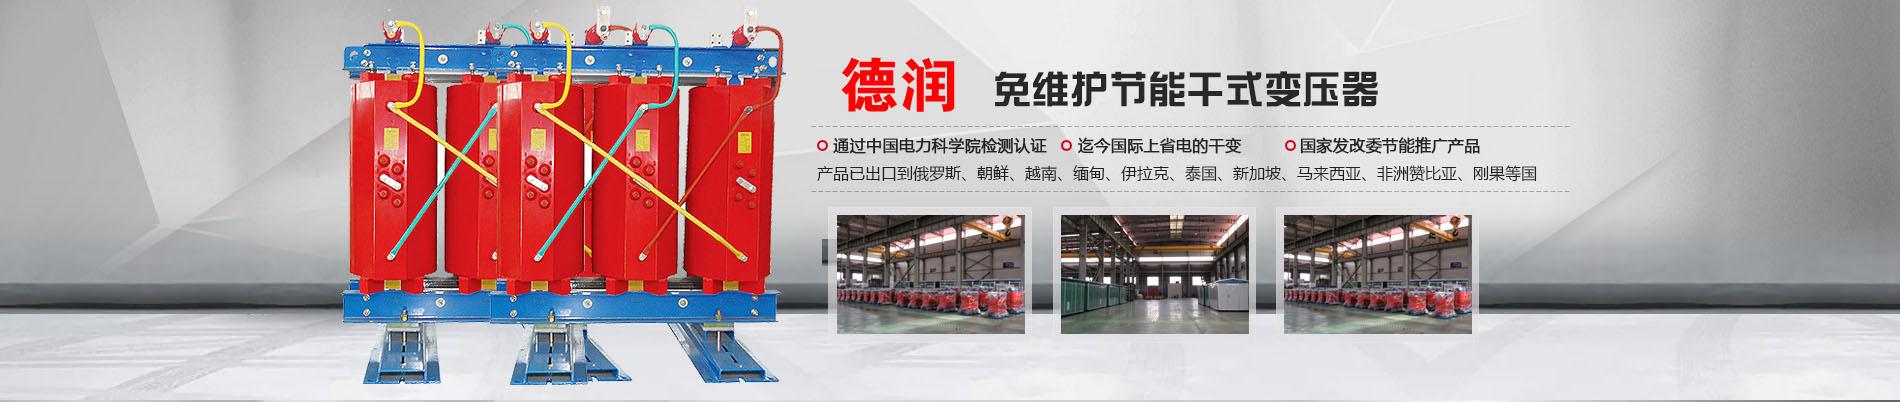 衡水干式变压器厂家